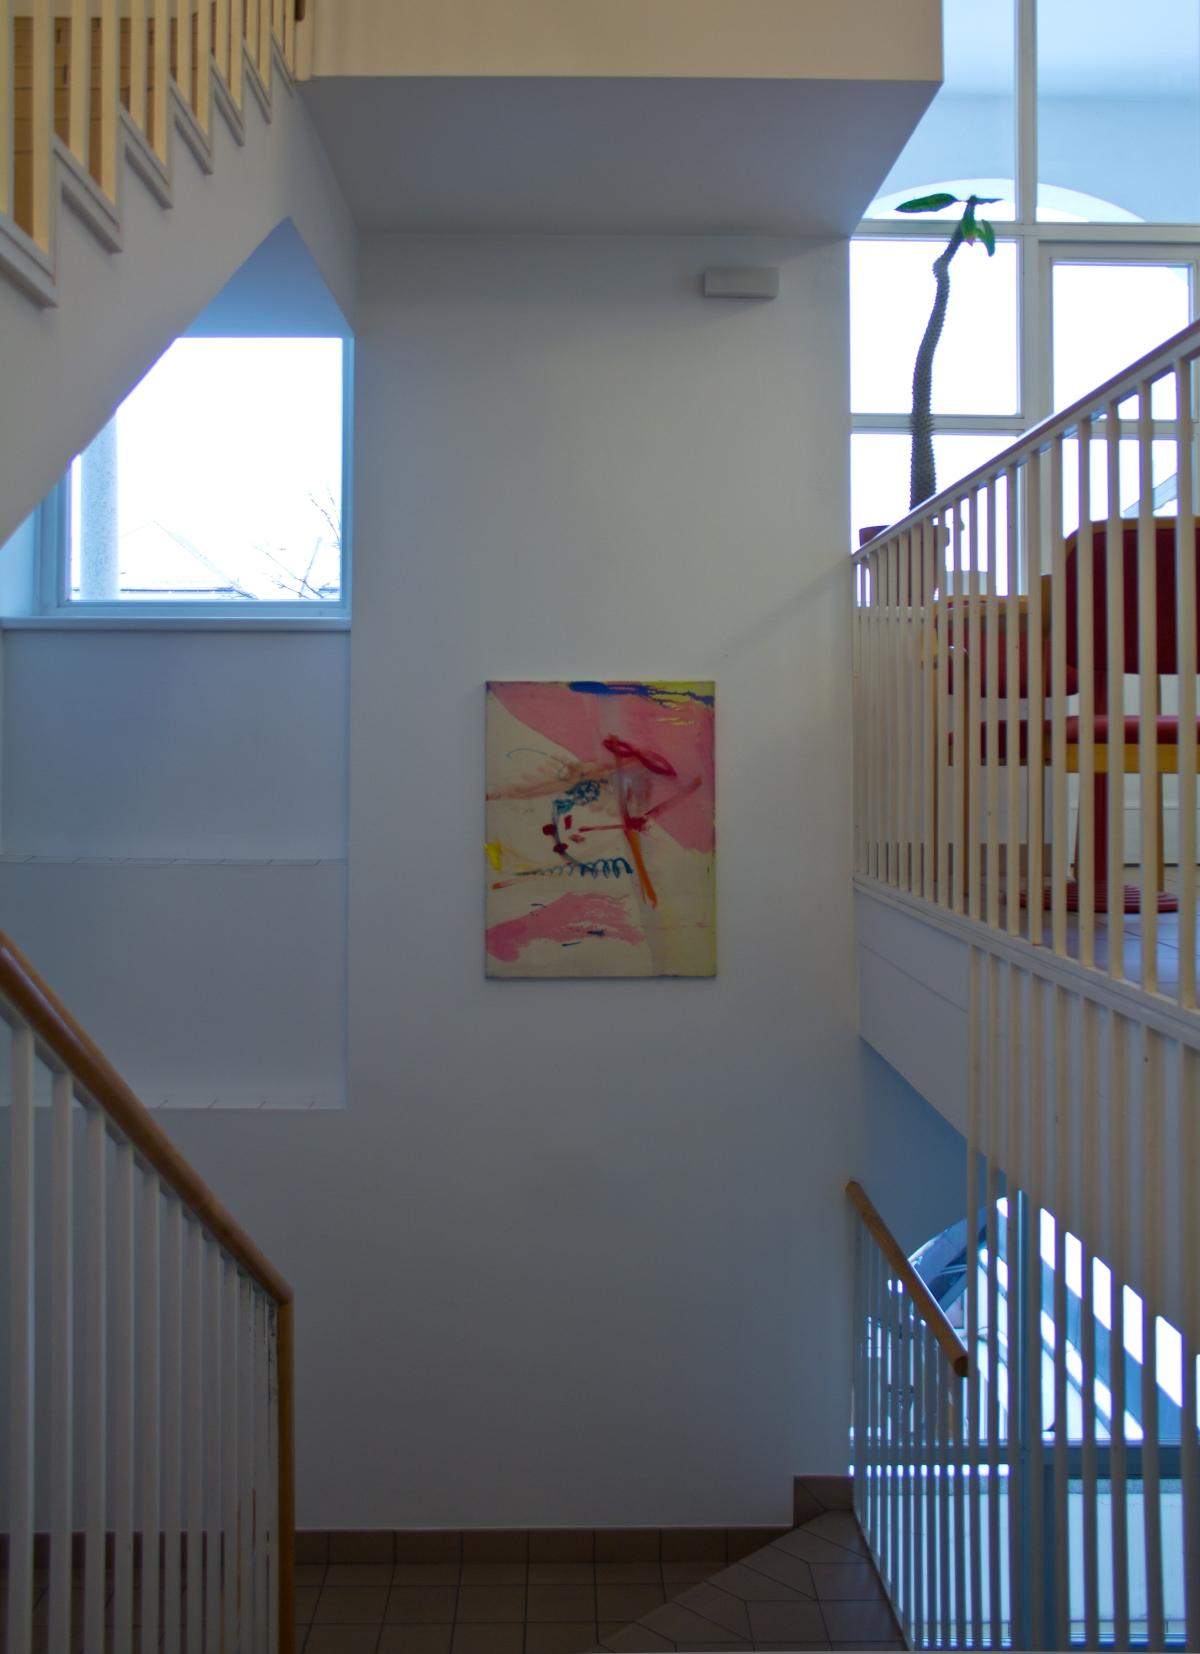 Ausstellungsansicht 5, Julia Hinterberger, Im Vorbeigehen, 2015